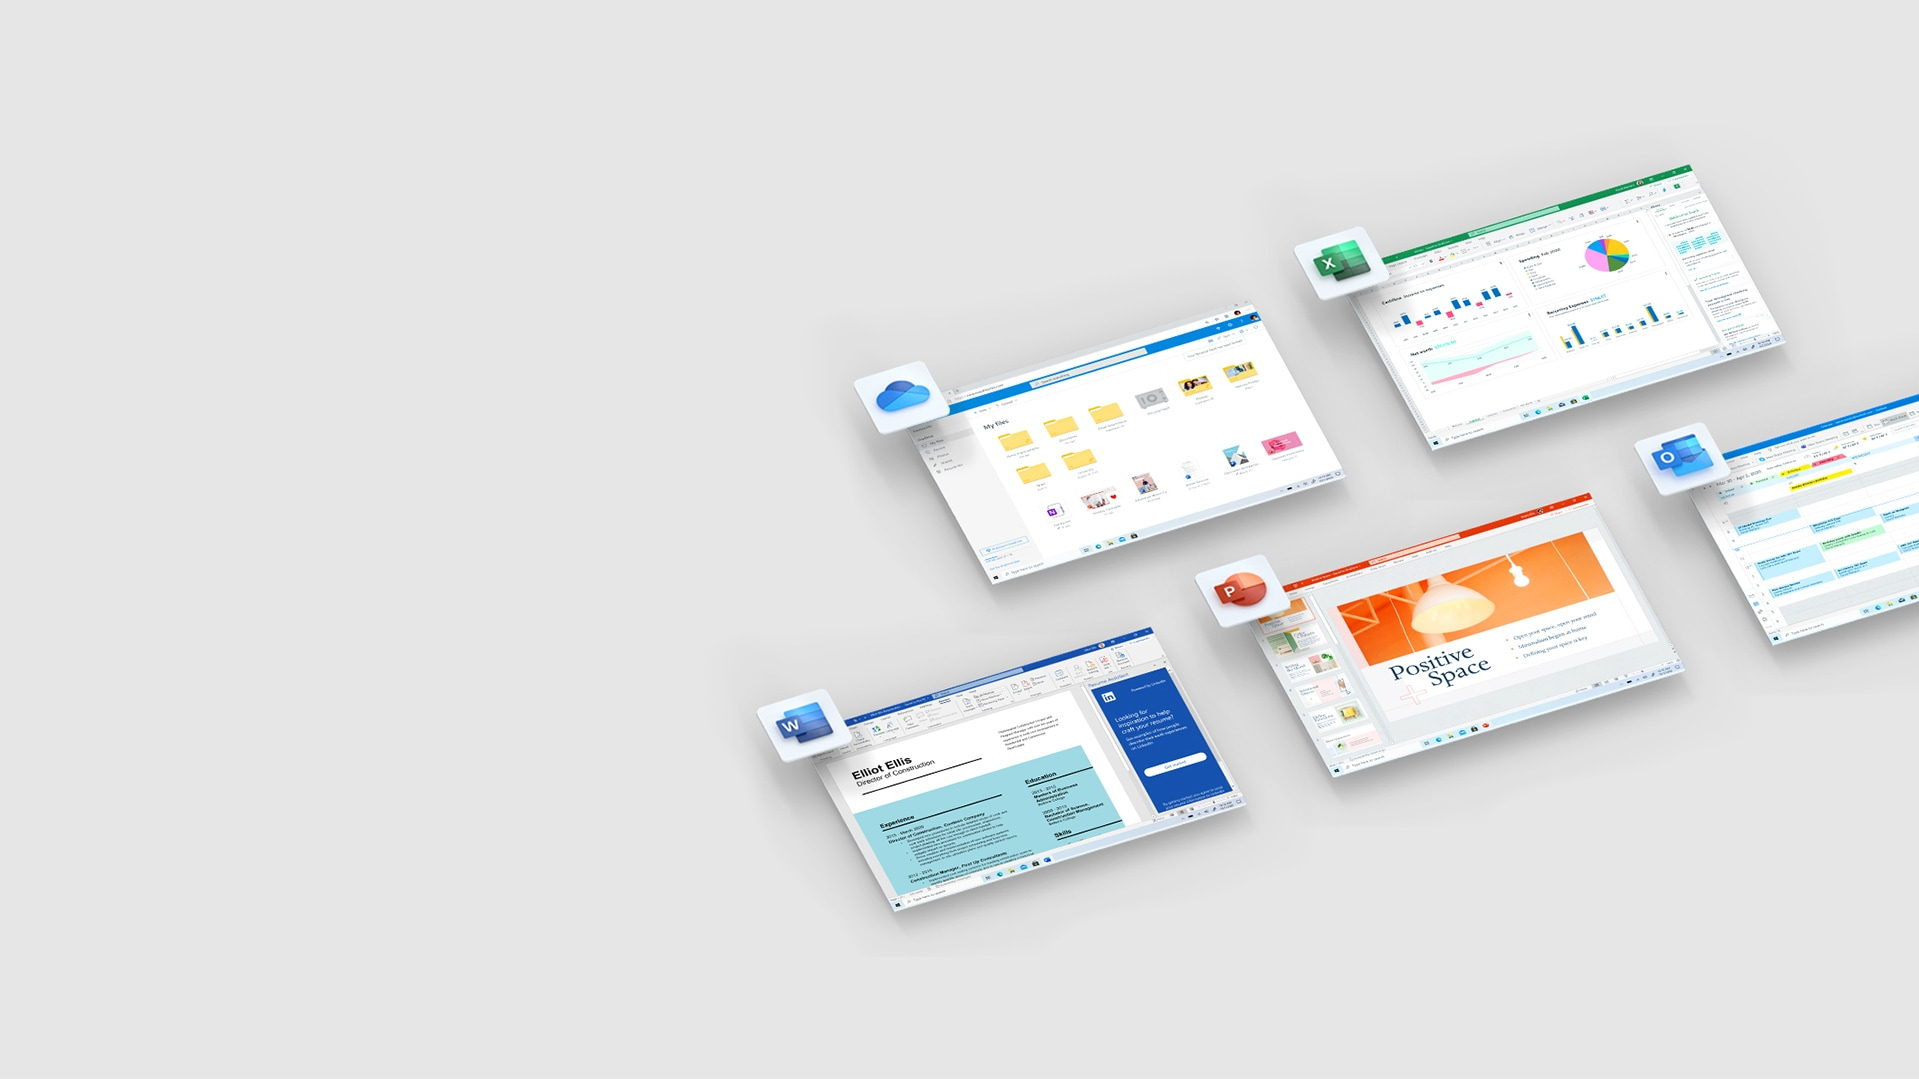 ภาพหน้าจอของ Microsoft OneDrive, Excel, Word, PowerPoint และ Outlook